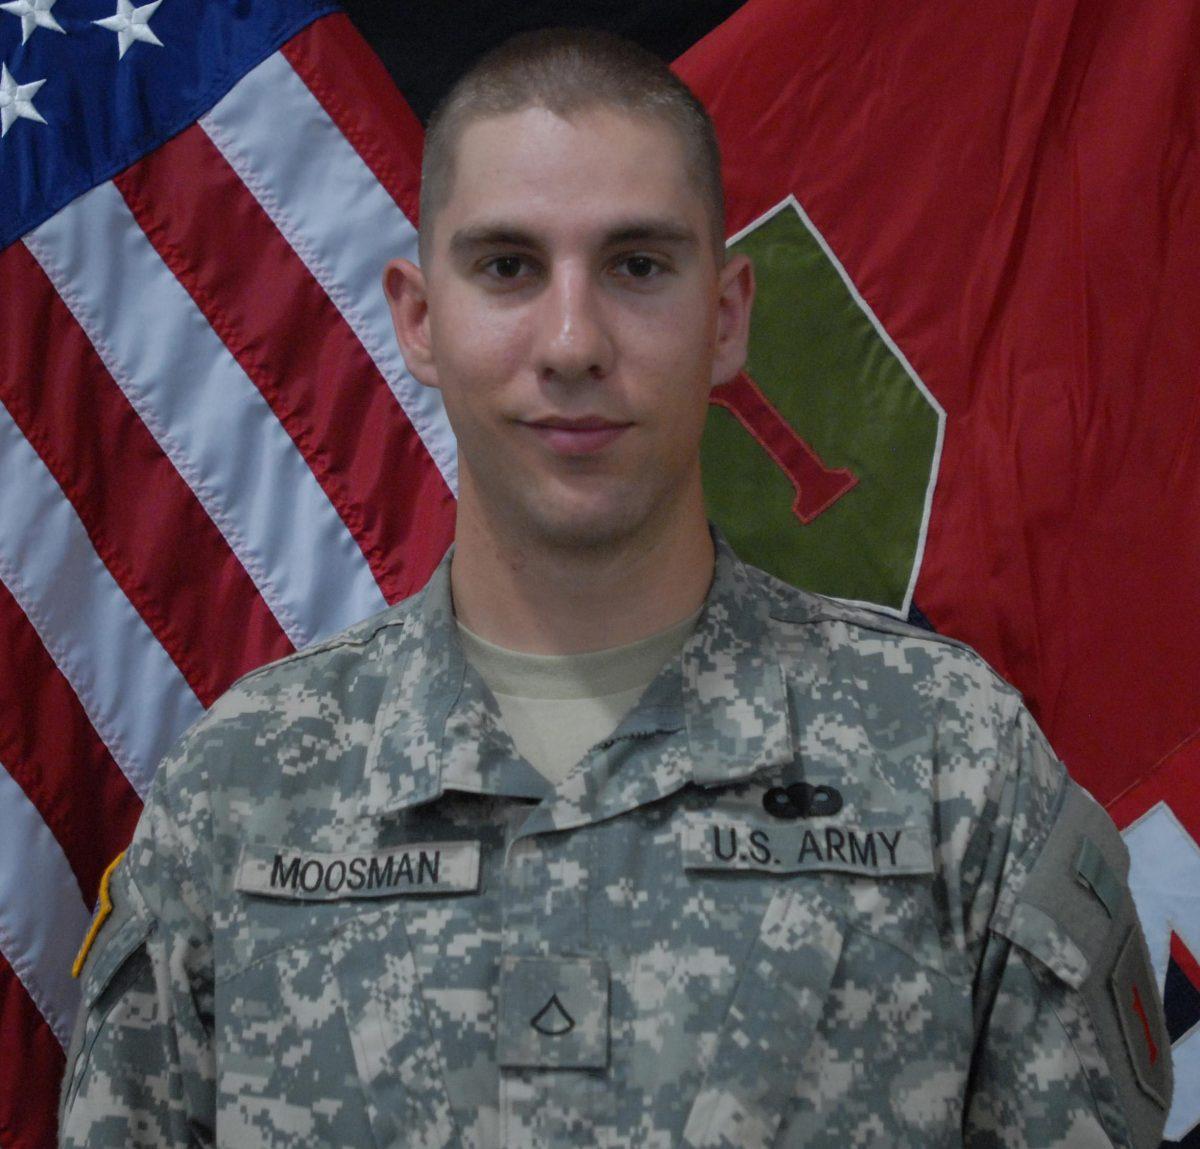 PFC. Cody O. Moosman, 24, of Preston, Idaho, died July 3 2012, in Gayan Alwara Mandi, Afghanistan